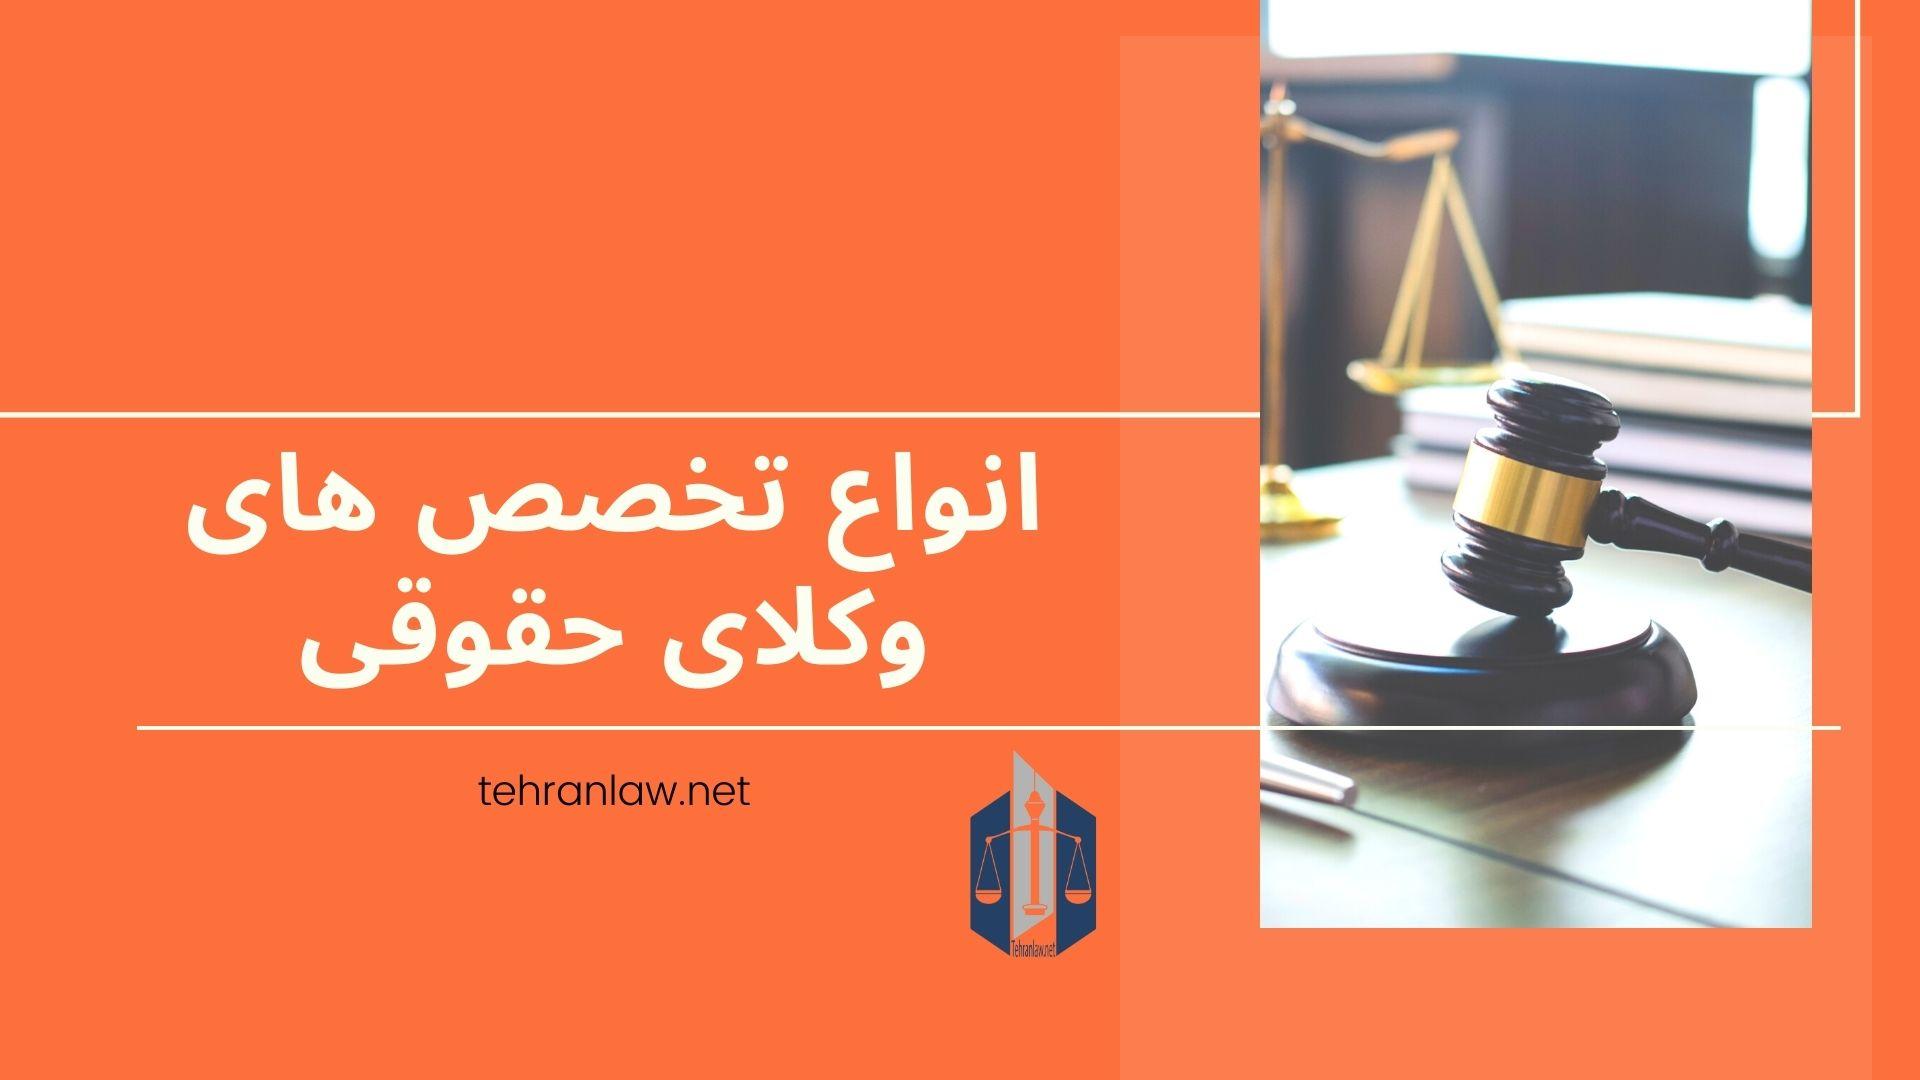 انواع تخصص های وکلای حقوقی: